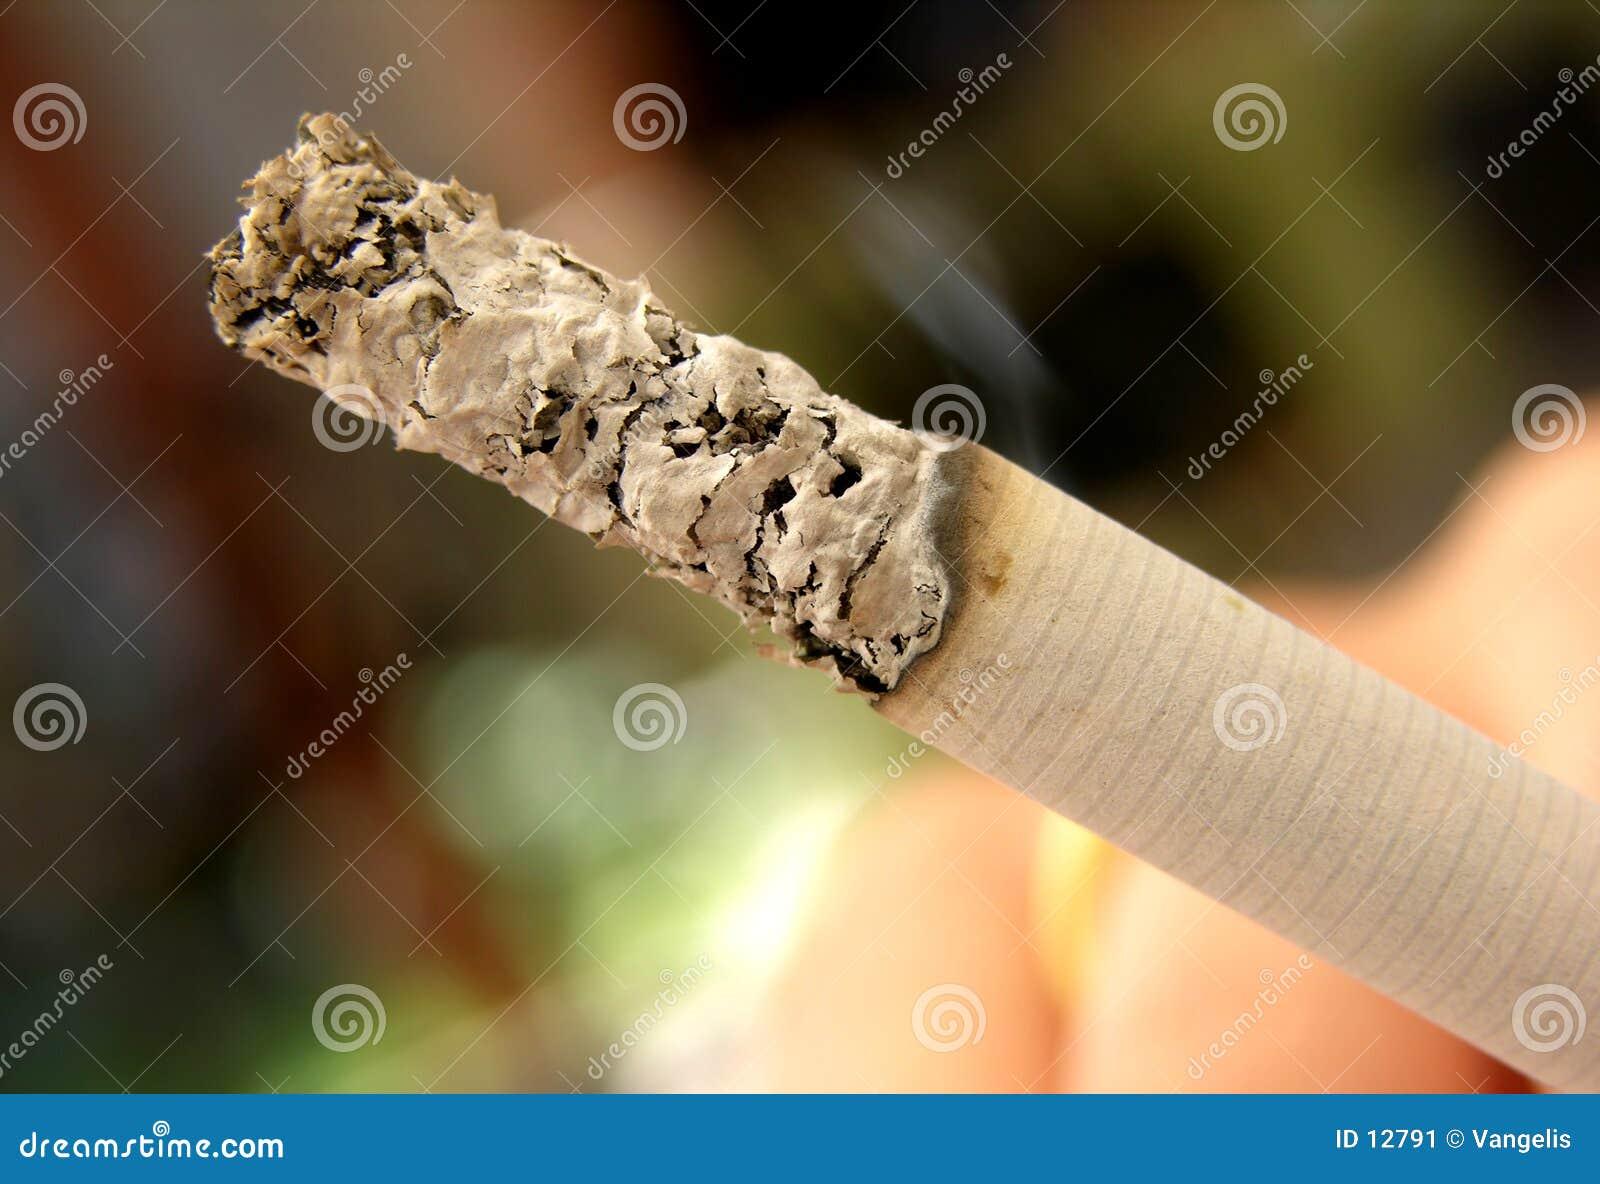 Askacigarett